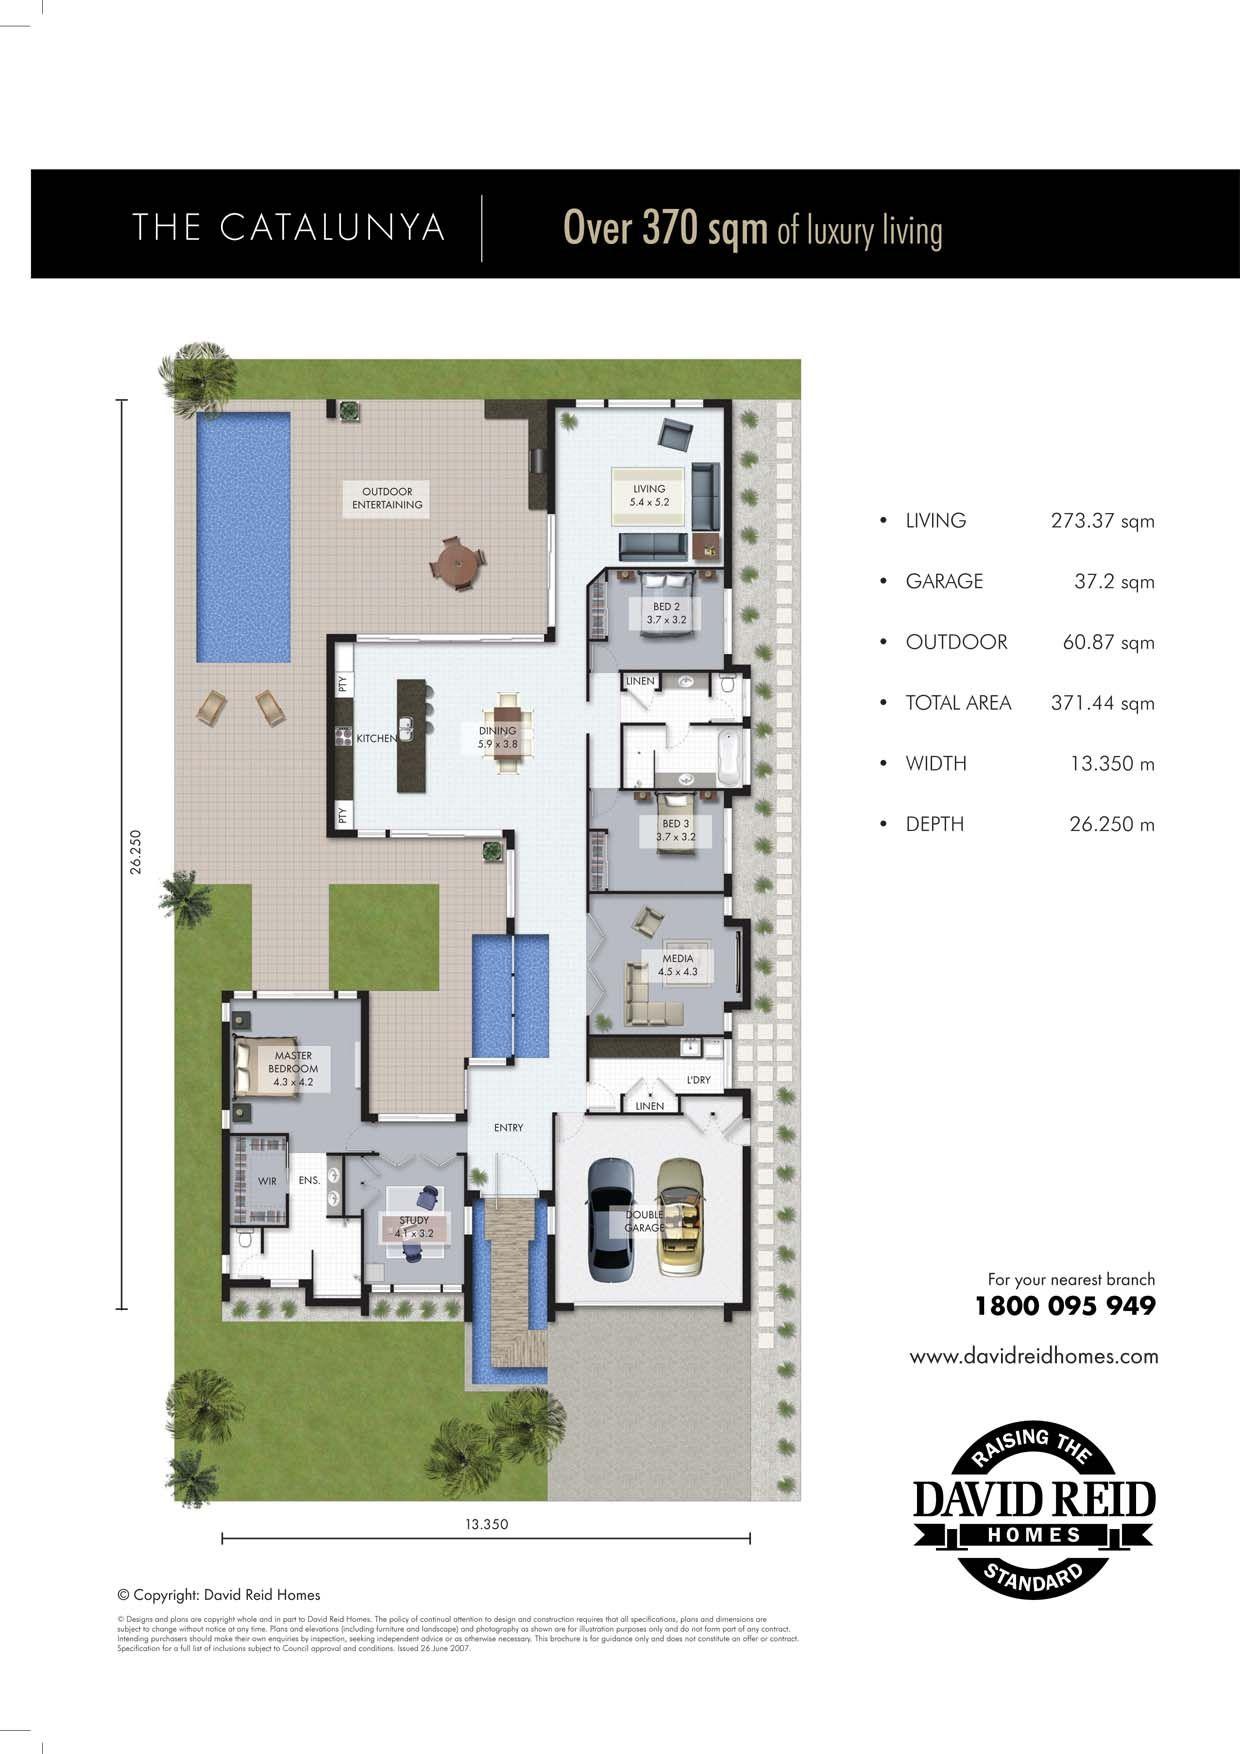 The Catalunya Floor Plan Concept Range David Reid Homes